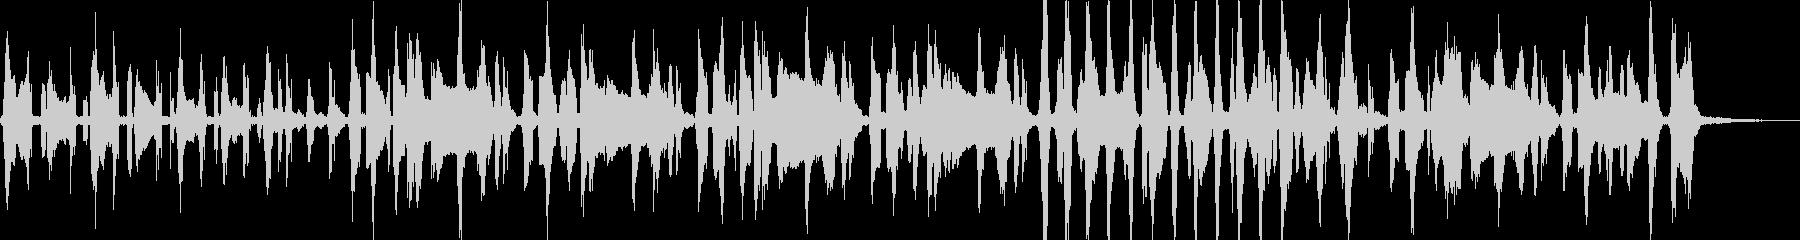 レタスをテーマにした楽曲の未再生の波形